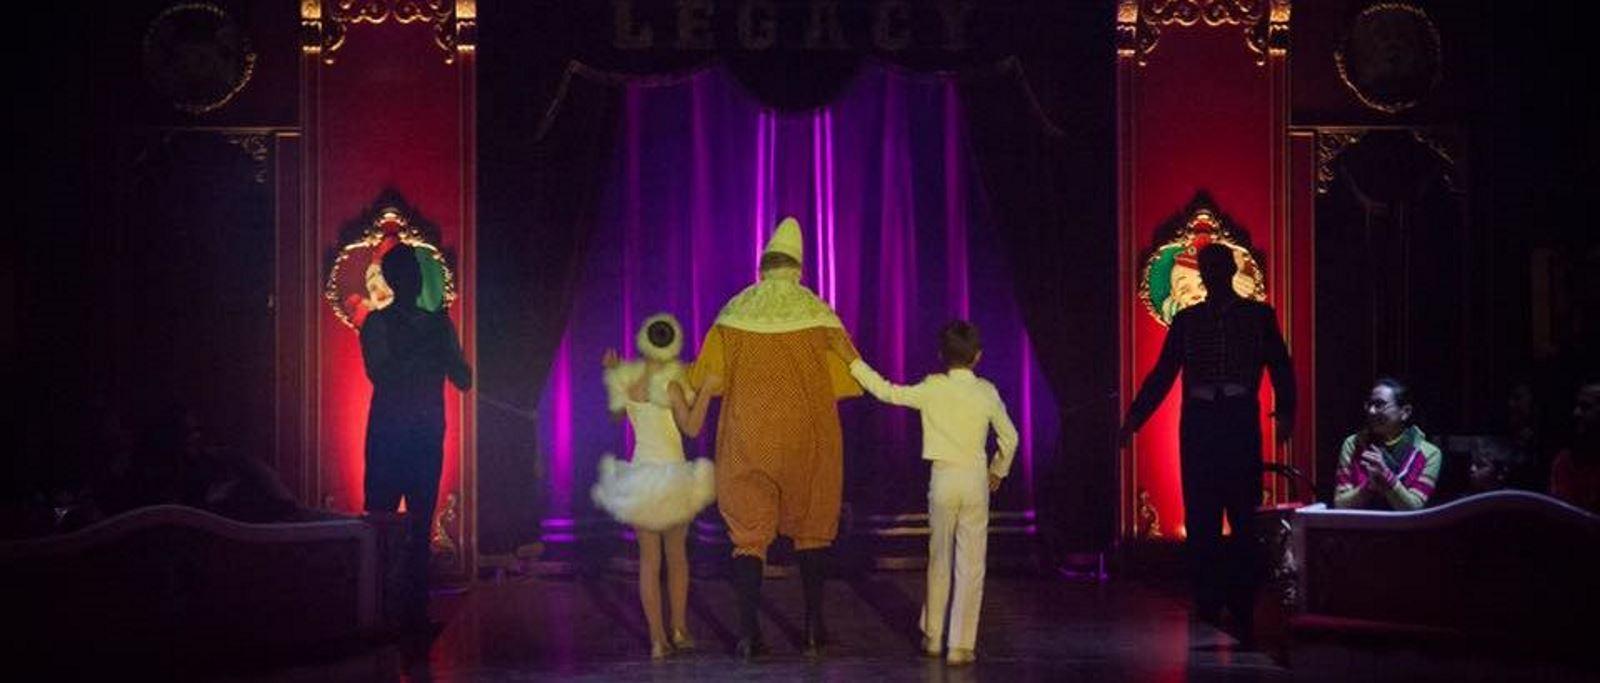 Circo Raluy Legacy Inicio (5)